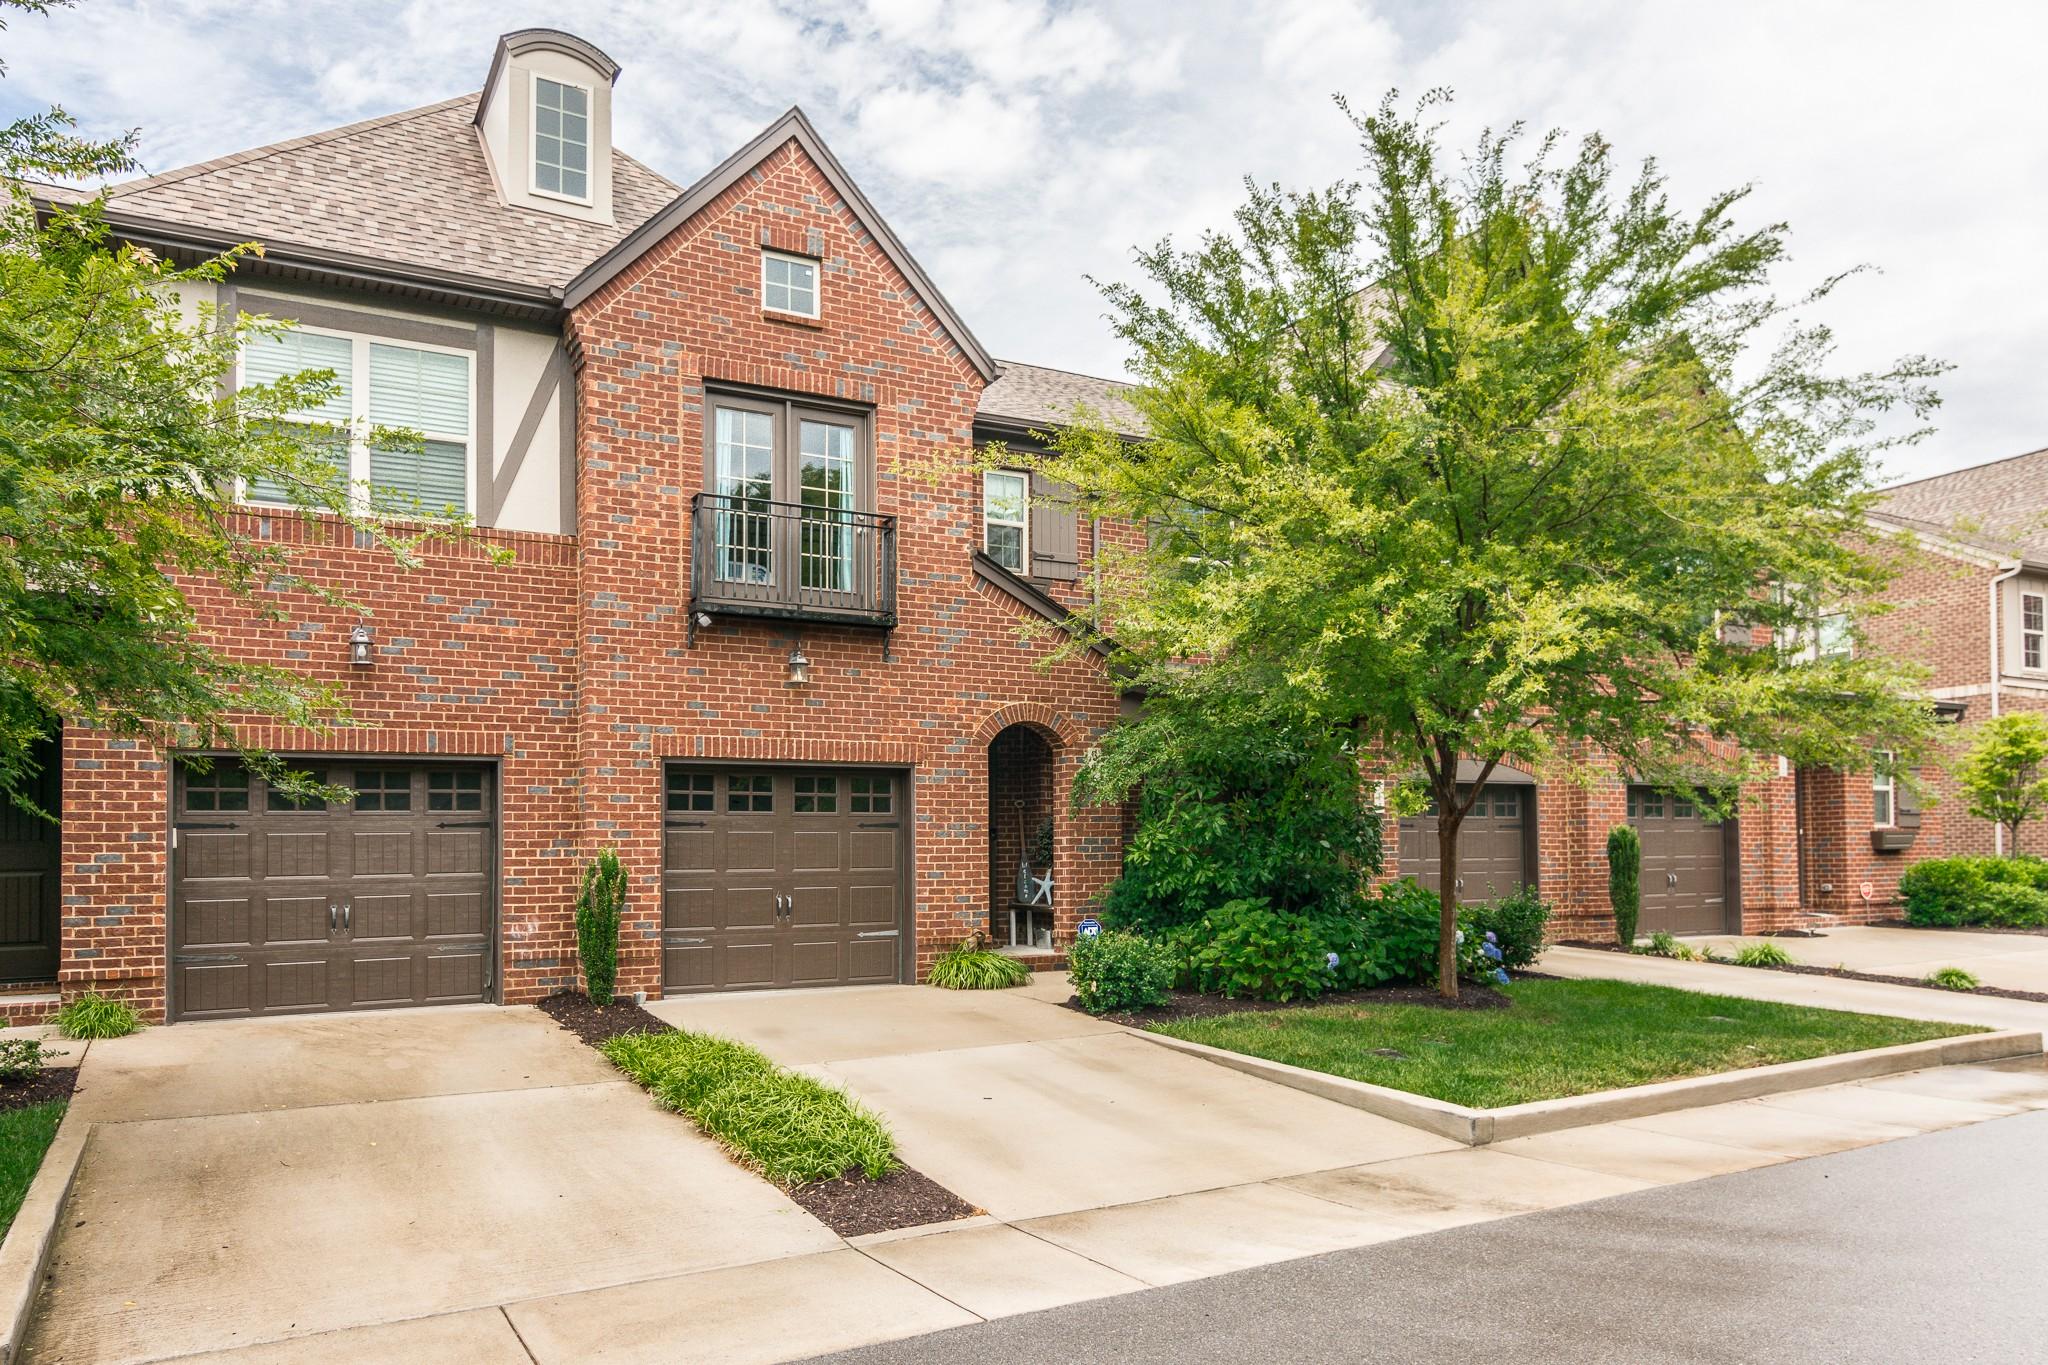 316 Coronado Private Cir Property Photo - Hendersonville, TN real estate listing